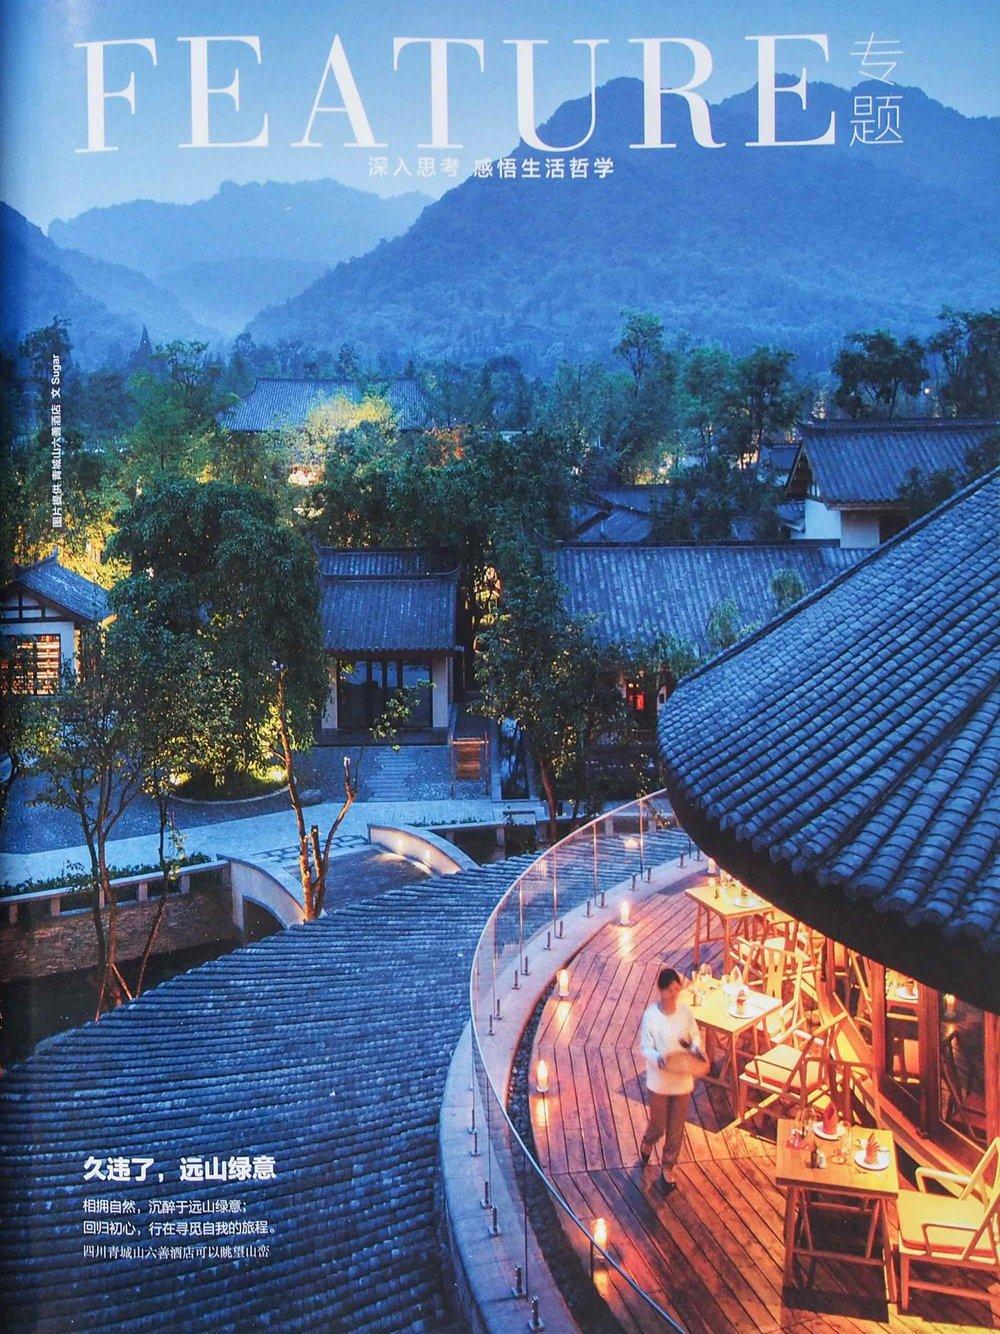 Elle Decoration | August 2015 - Six Senses Qingcheng Mountain